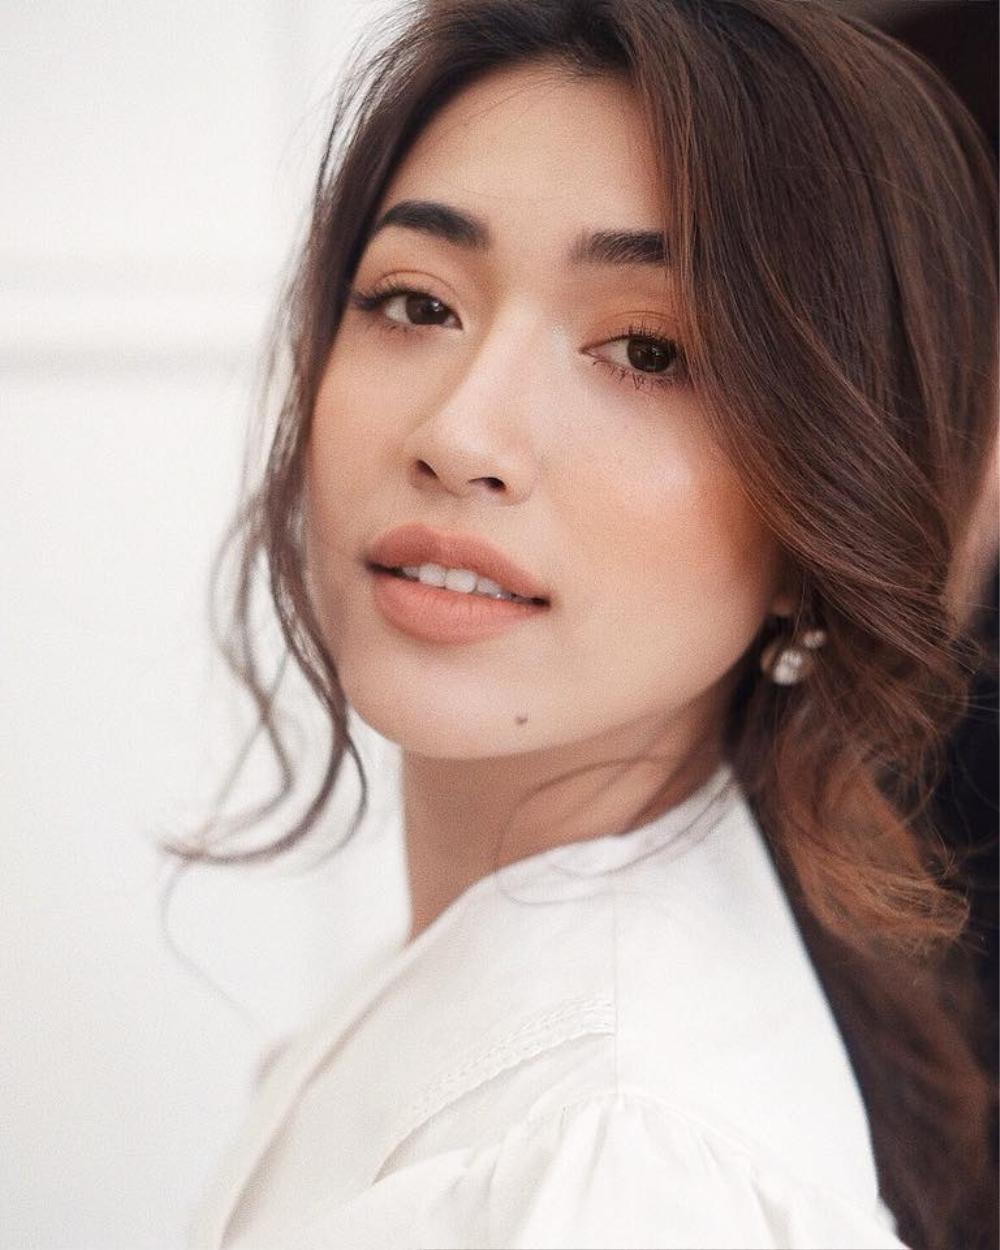 Sức hút mạnh mẽ của 7 hoa hậu 9X độc thân: Minh Tú - Hoàng Thùy - H'Hen Niê xứng danh chiến binh sắc đẹp Ảnh 10